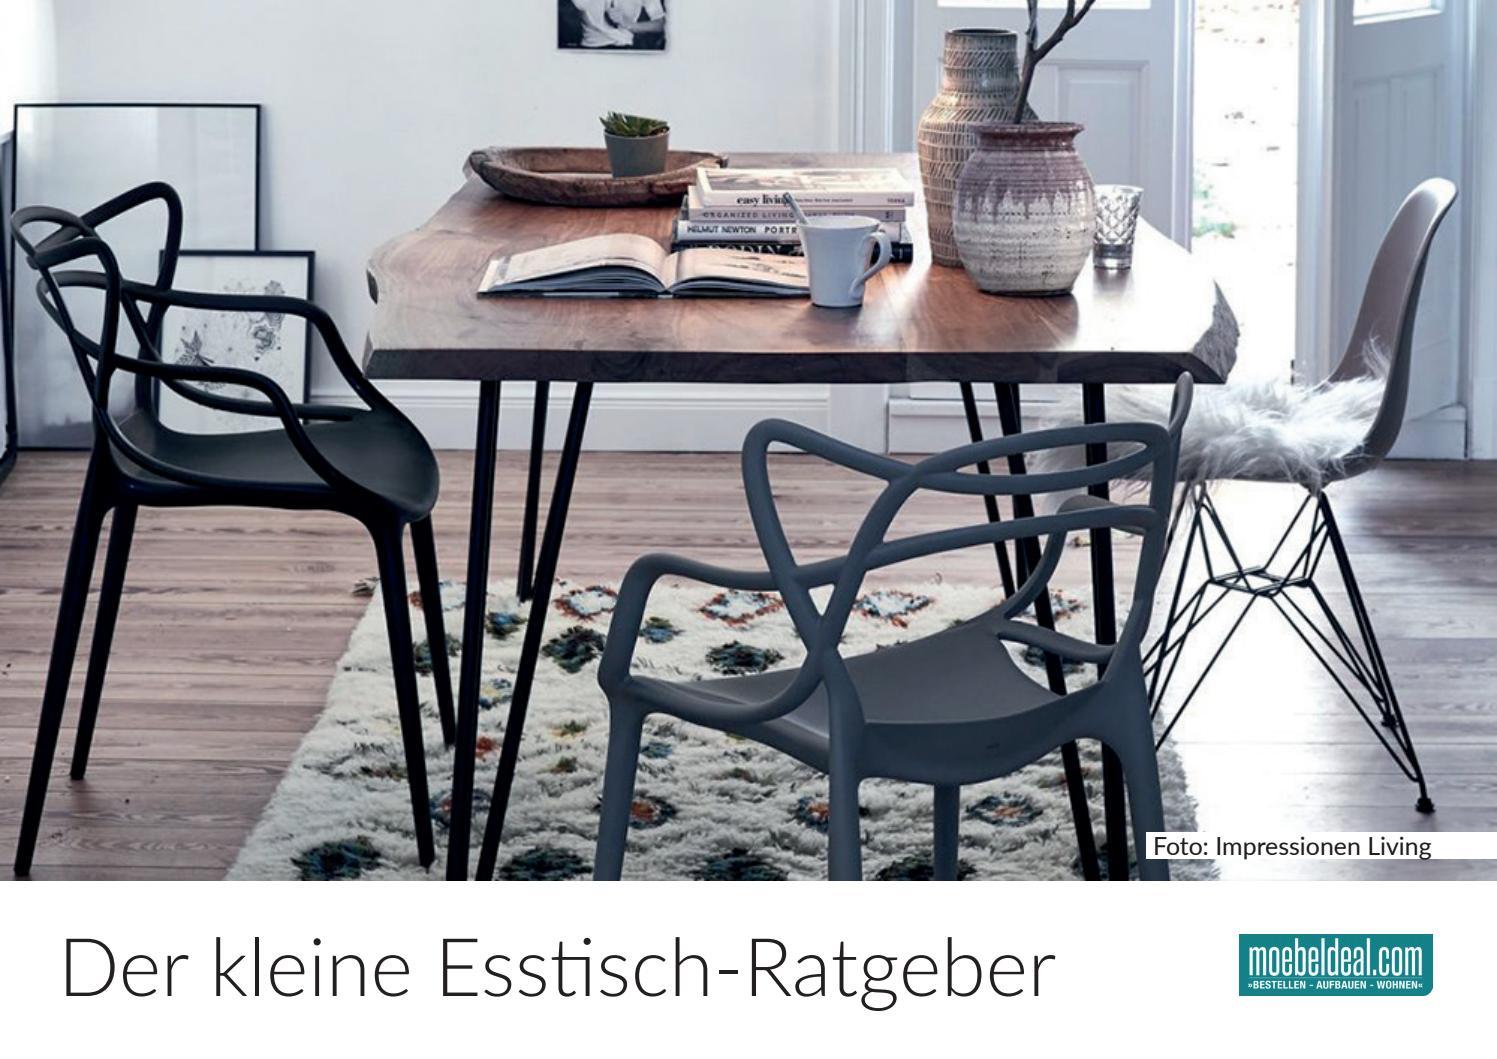 Der kleine Esstisch-Ratgeber von moebeldeal.com by moebeldeal - issuu